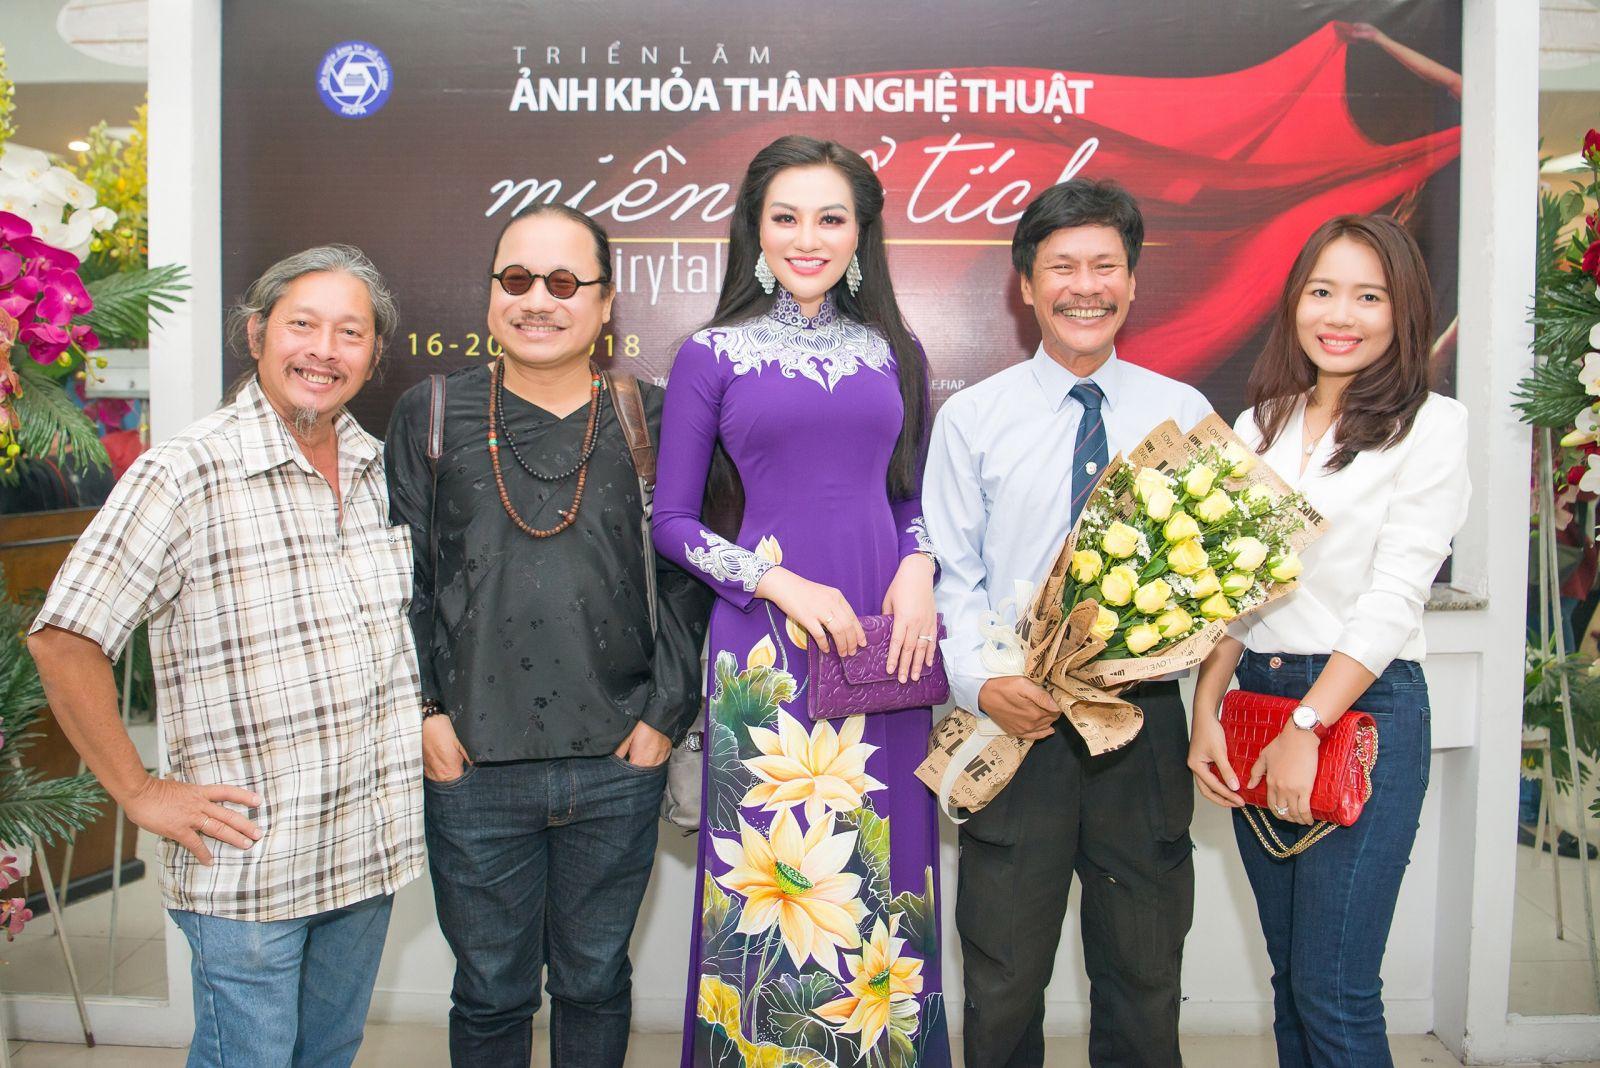 Nữ hoàng Trần Huyền Nhung 'bật mí' về dự án nghệ thuật Nude tại triển lãm của Thái Phiên